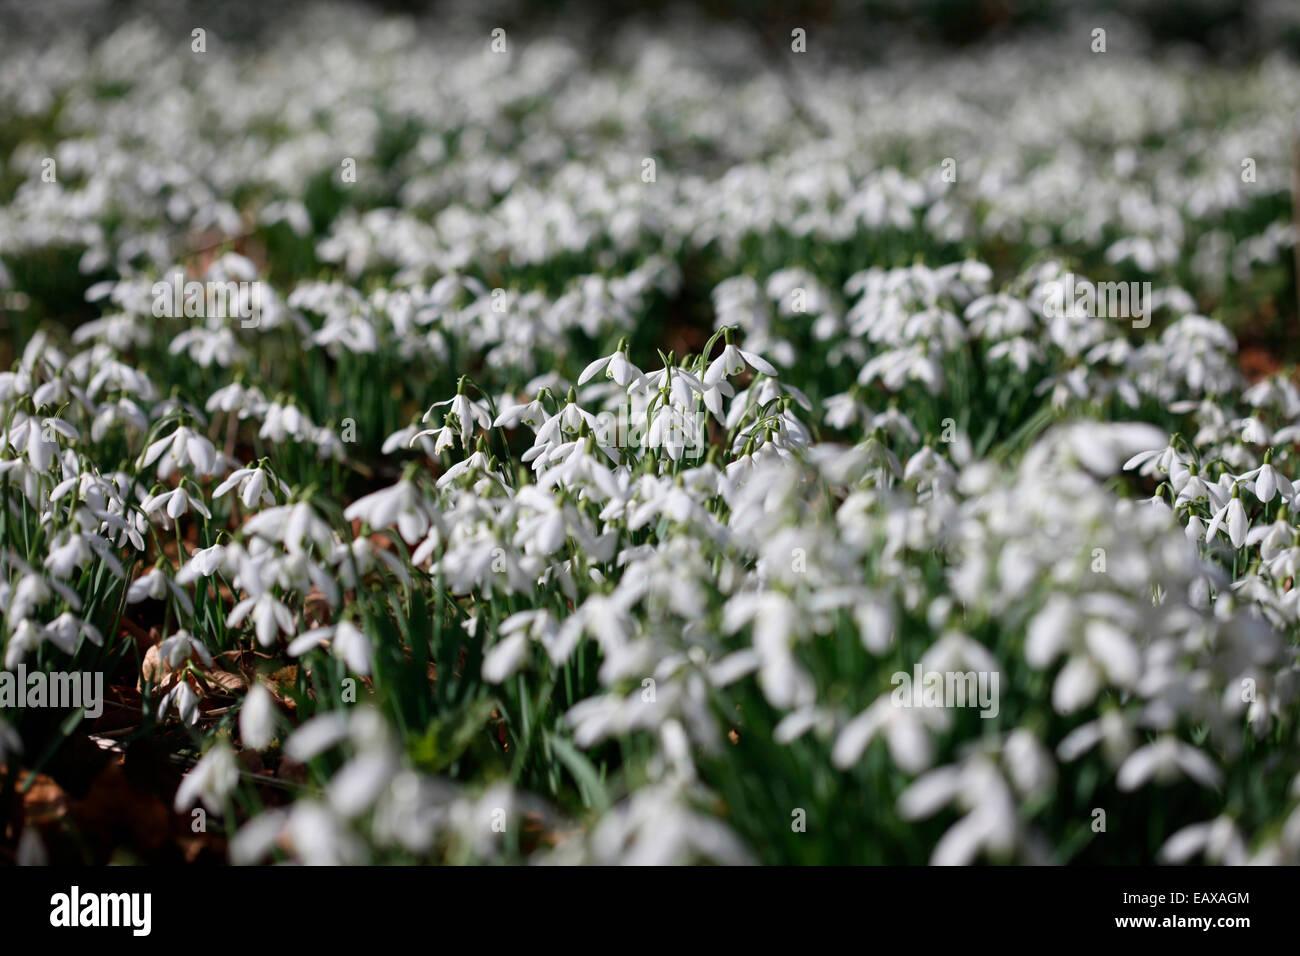 lovely sparkling snowdrops in the February sunshine Jane Ann Butler Photography JABP1192 - Stock Image